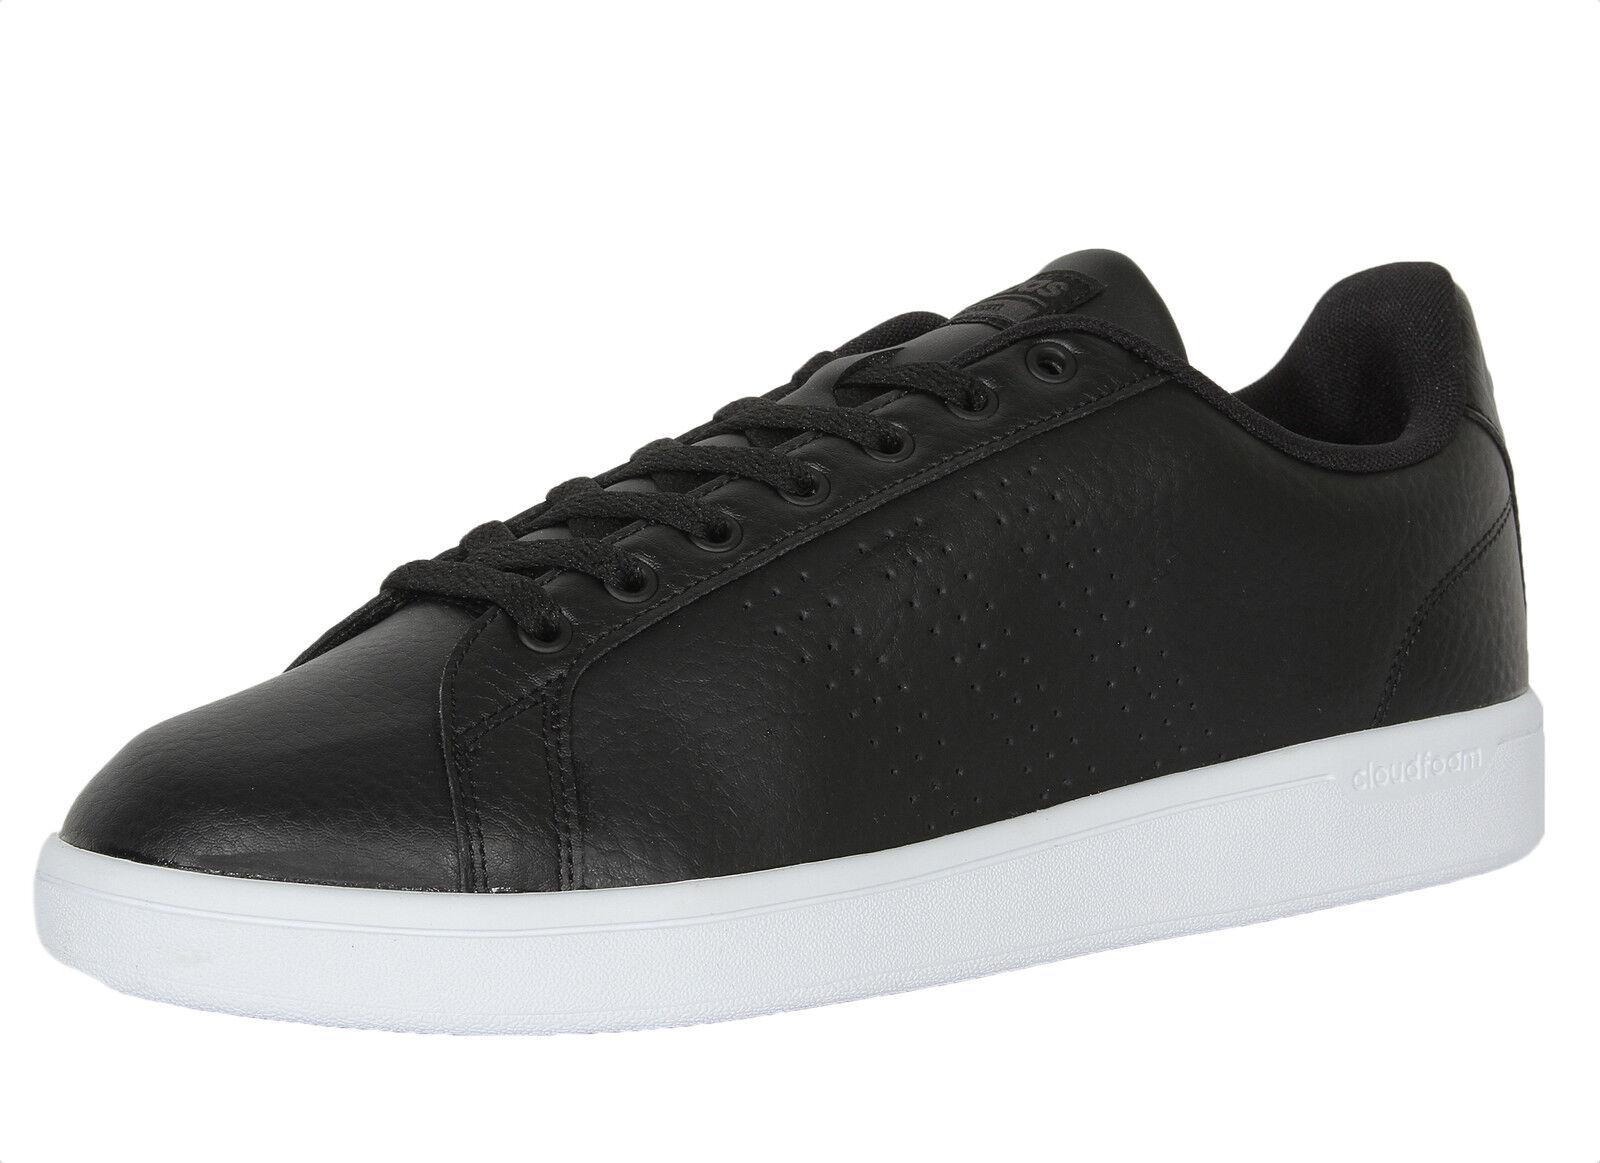 Adidas Cloudfoam Advantage Clean Shoes Men's Shoes Clean AW3915 babace